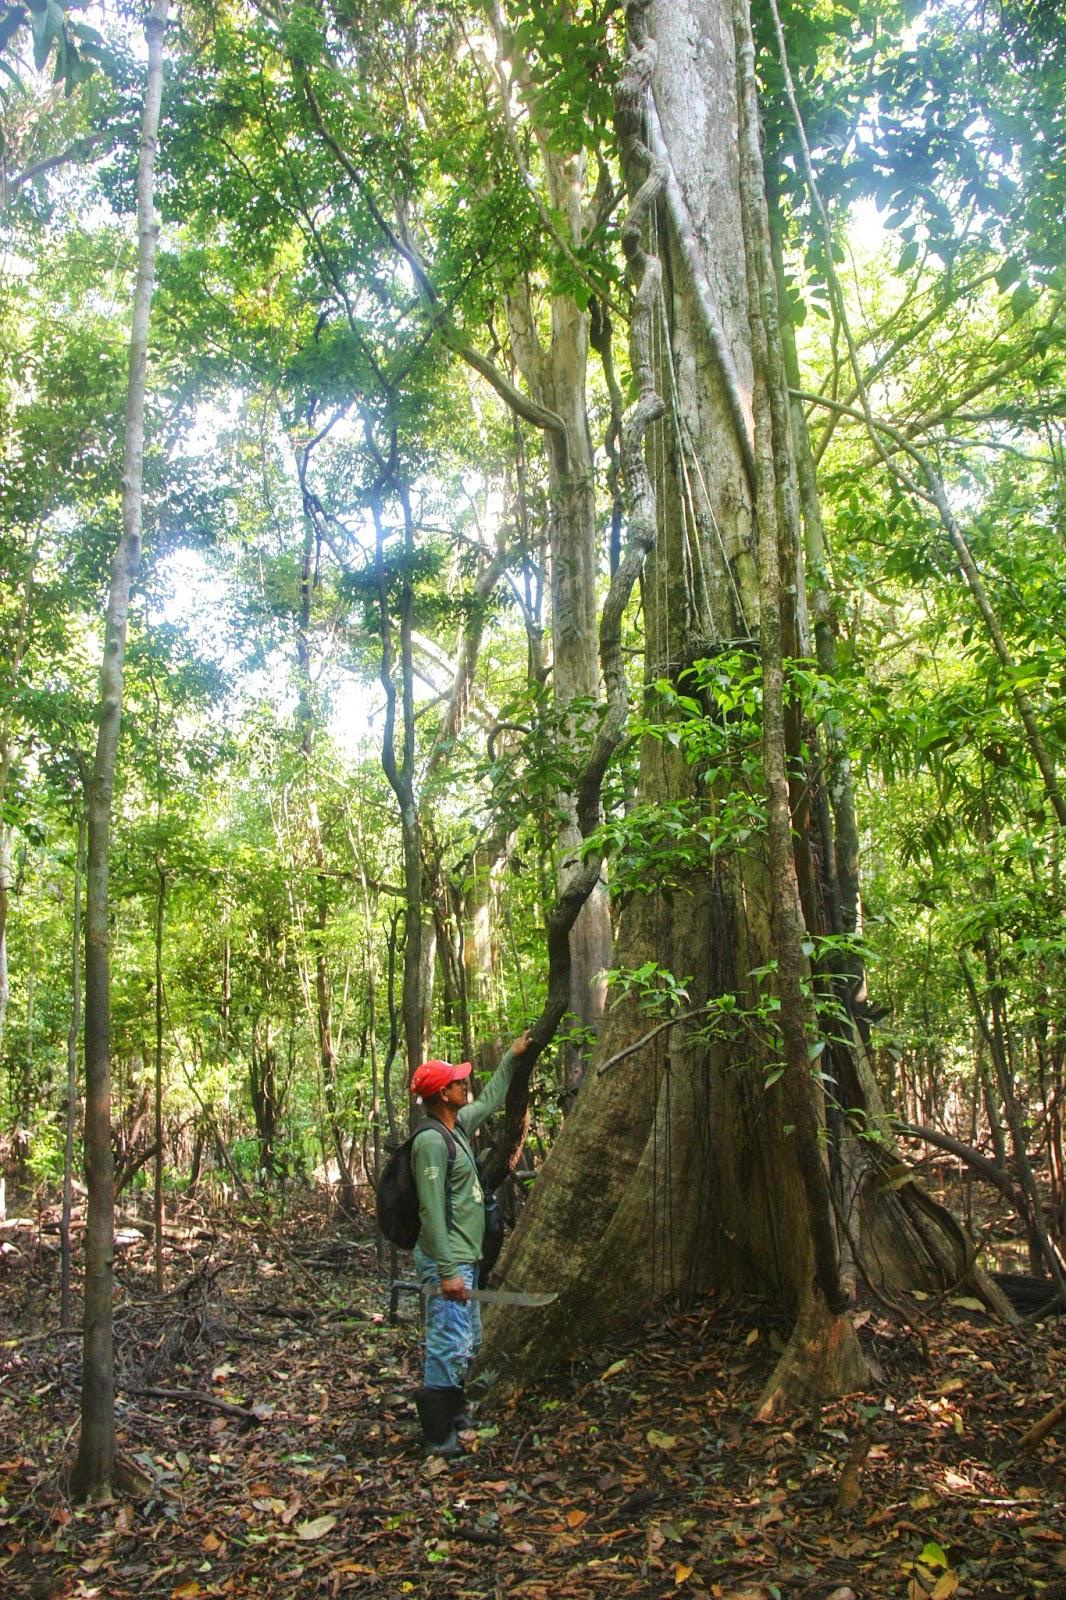 Nativo amazônico nos guiando pela mata amazônica.